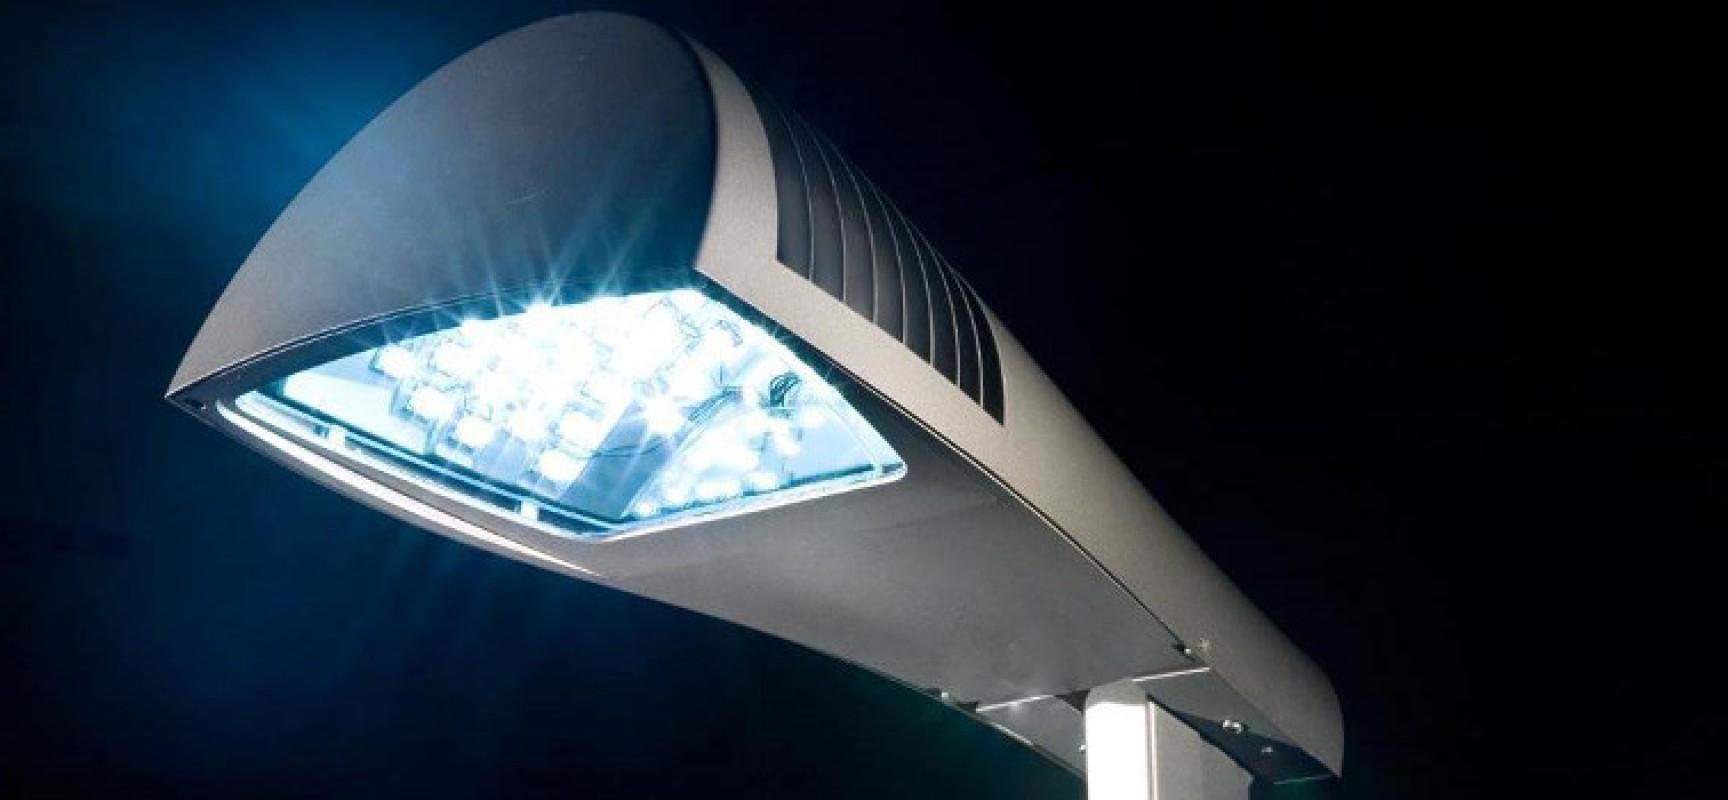 Illuminazione pubblica: si passa al led, sono già seicento i nuovi impianti i...